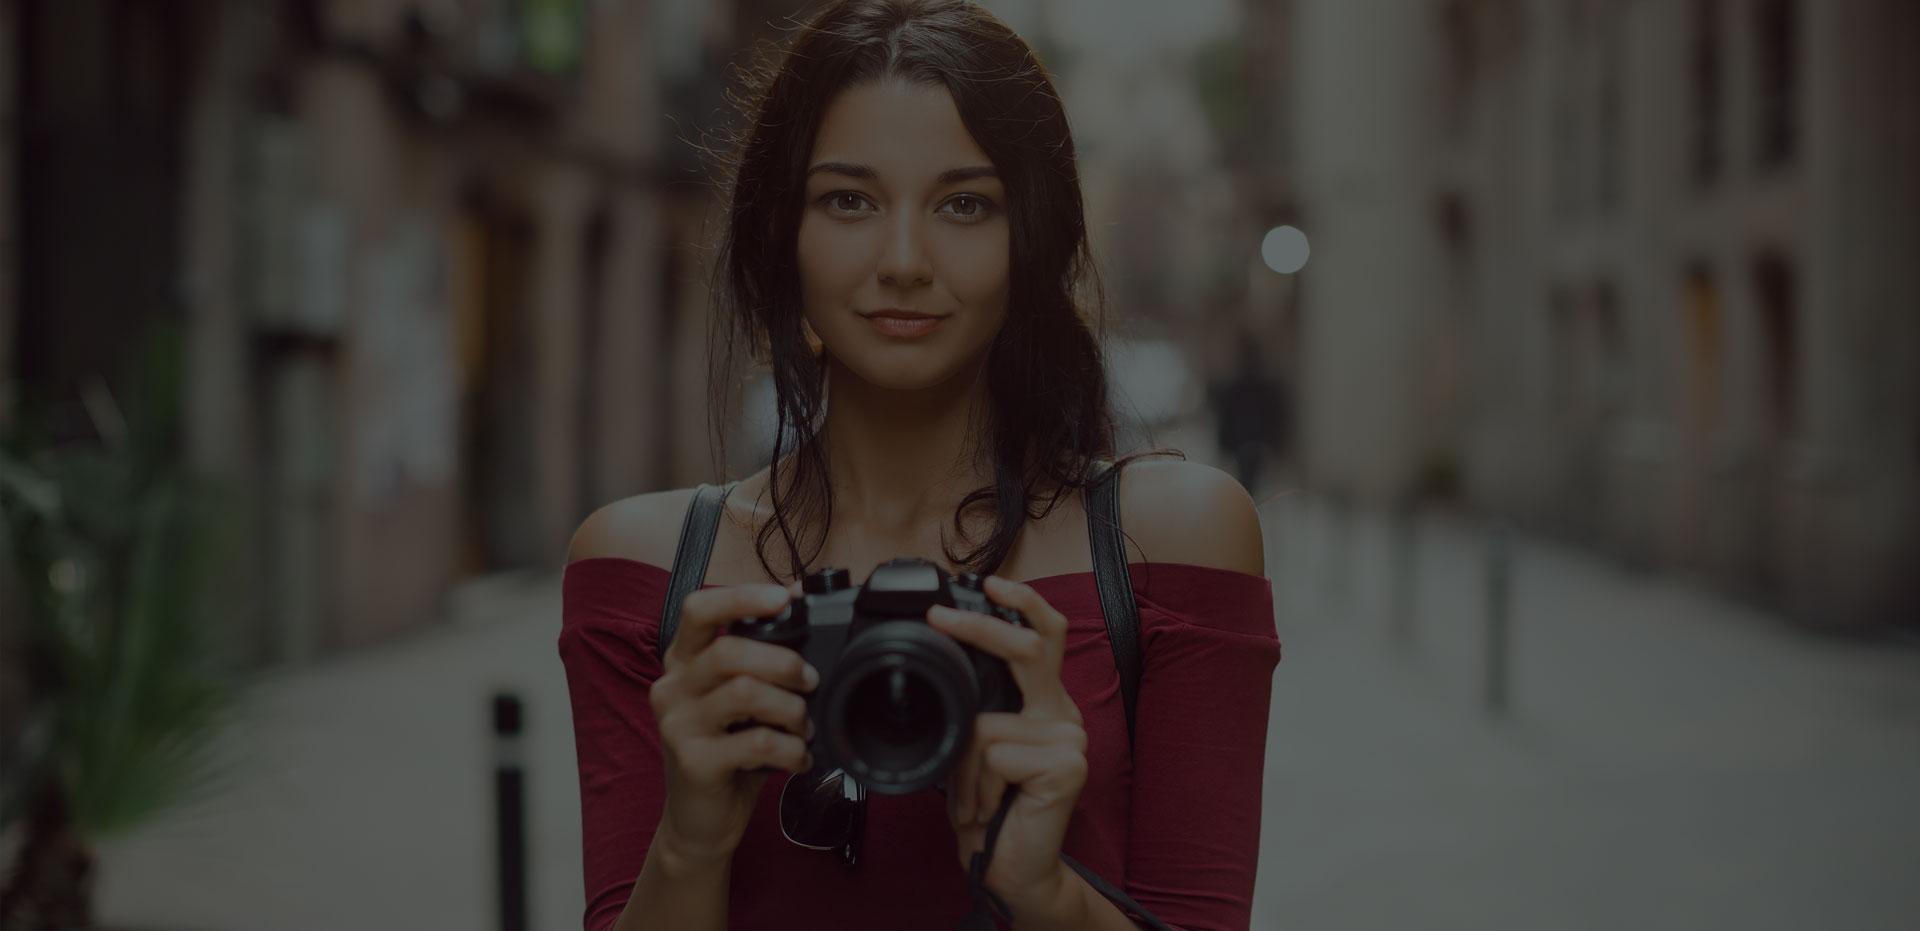 Quand la photo devient passion